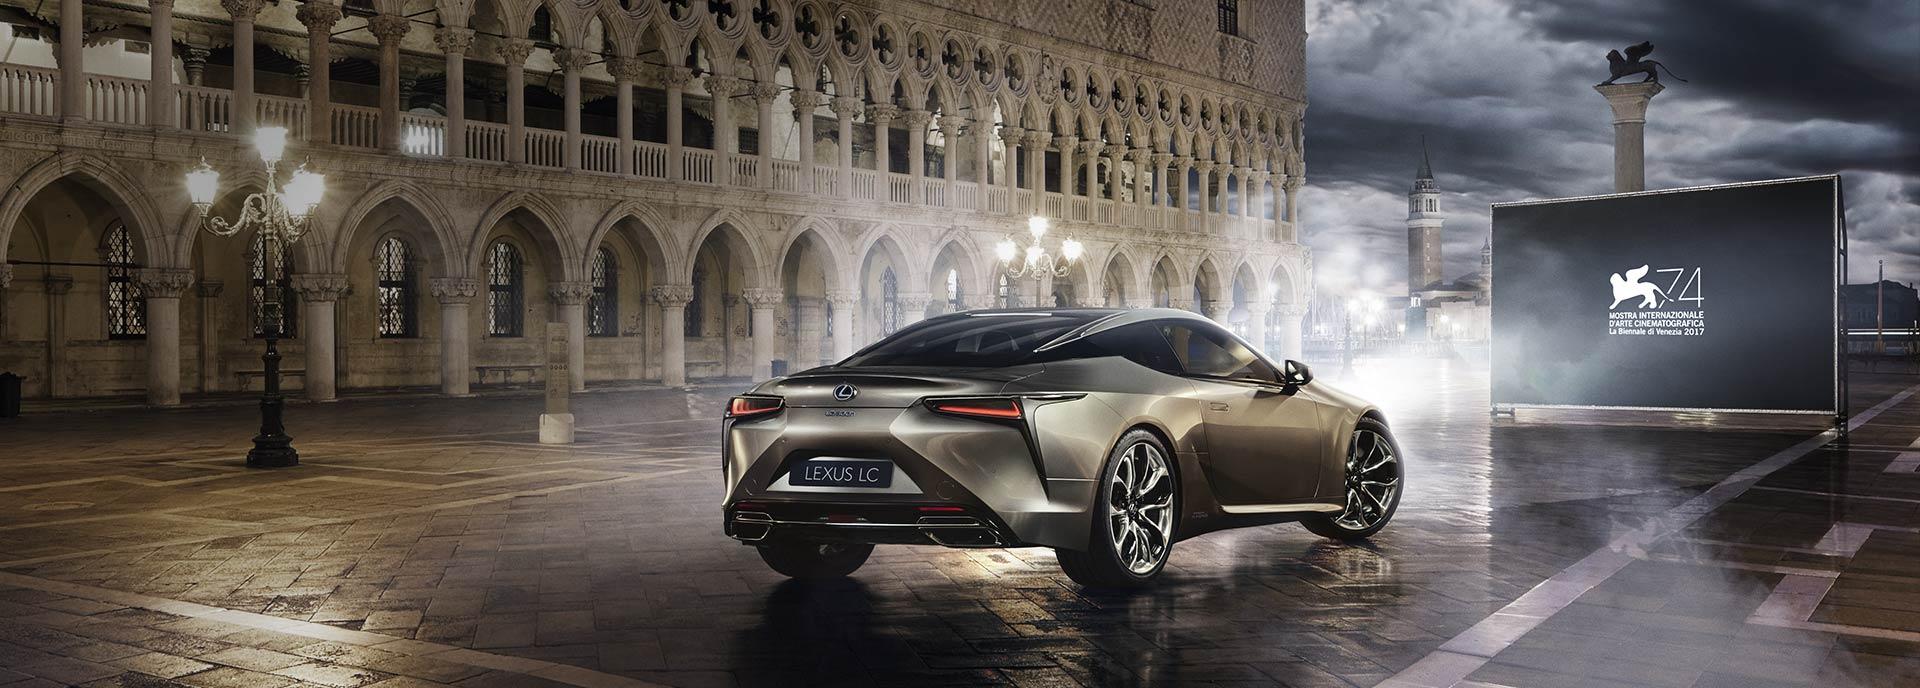 Lexus LC V8 in piazza San Marco per il Festival del Cinema di Venezia